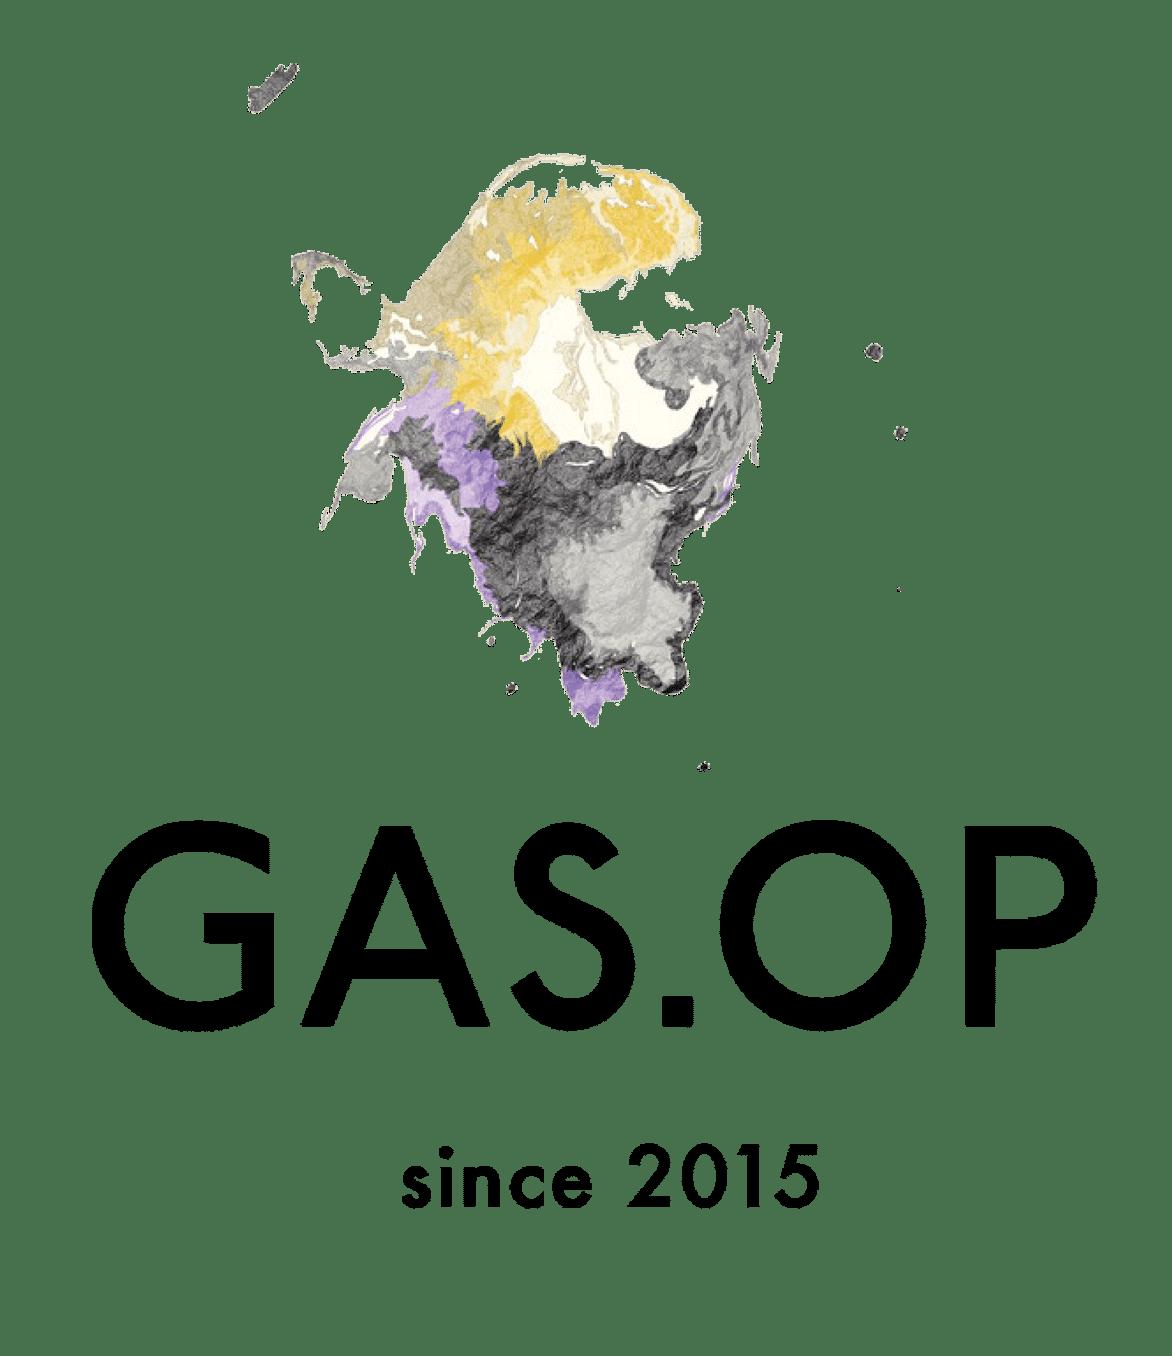 Gas.op